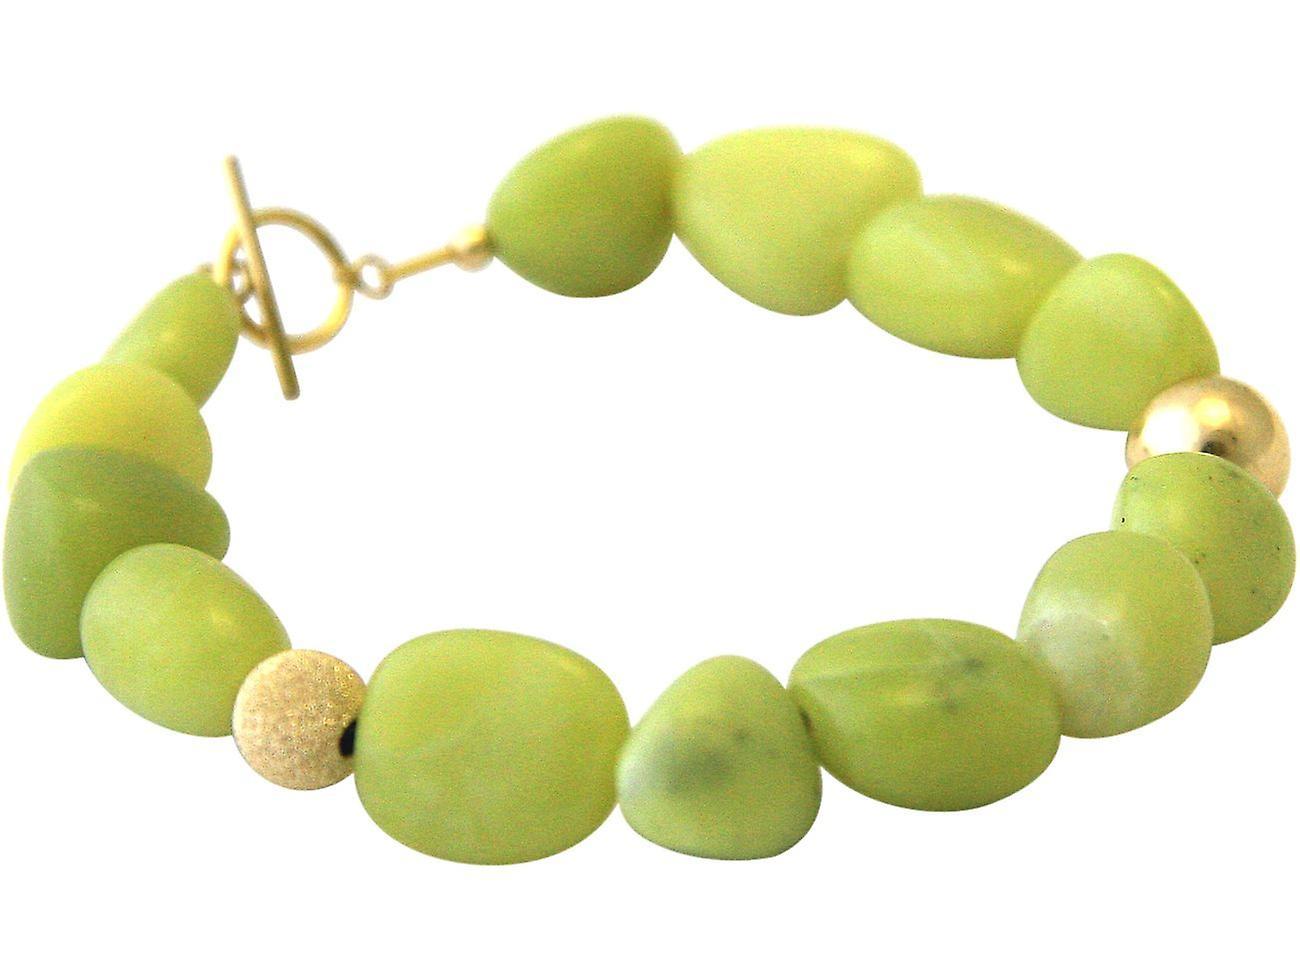 Gemshine Armband mit grünen Jade Edelsteinen in 925 Silber oder vergoldet